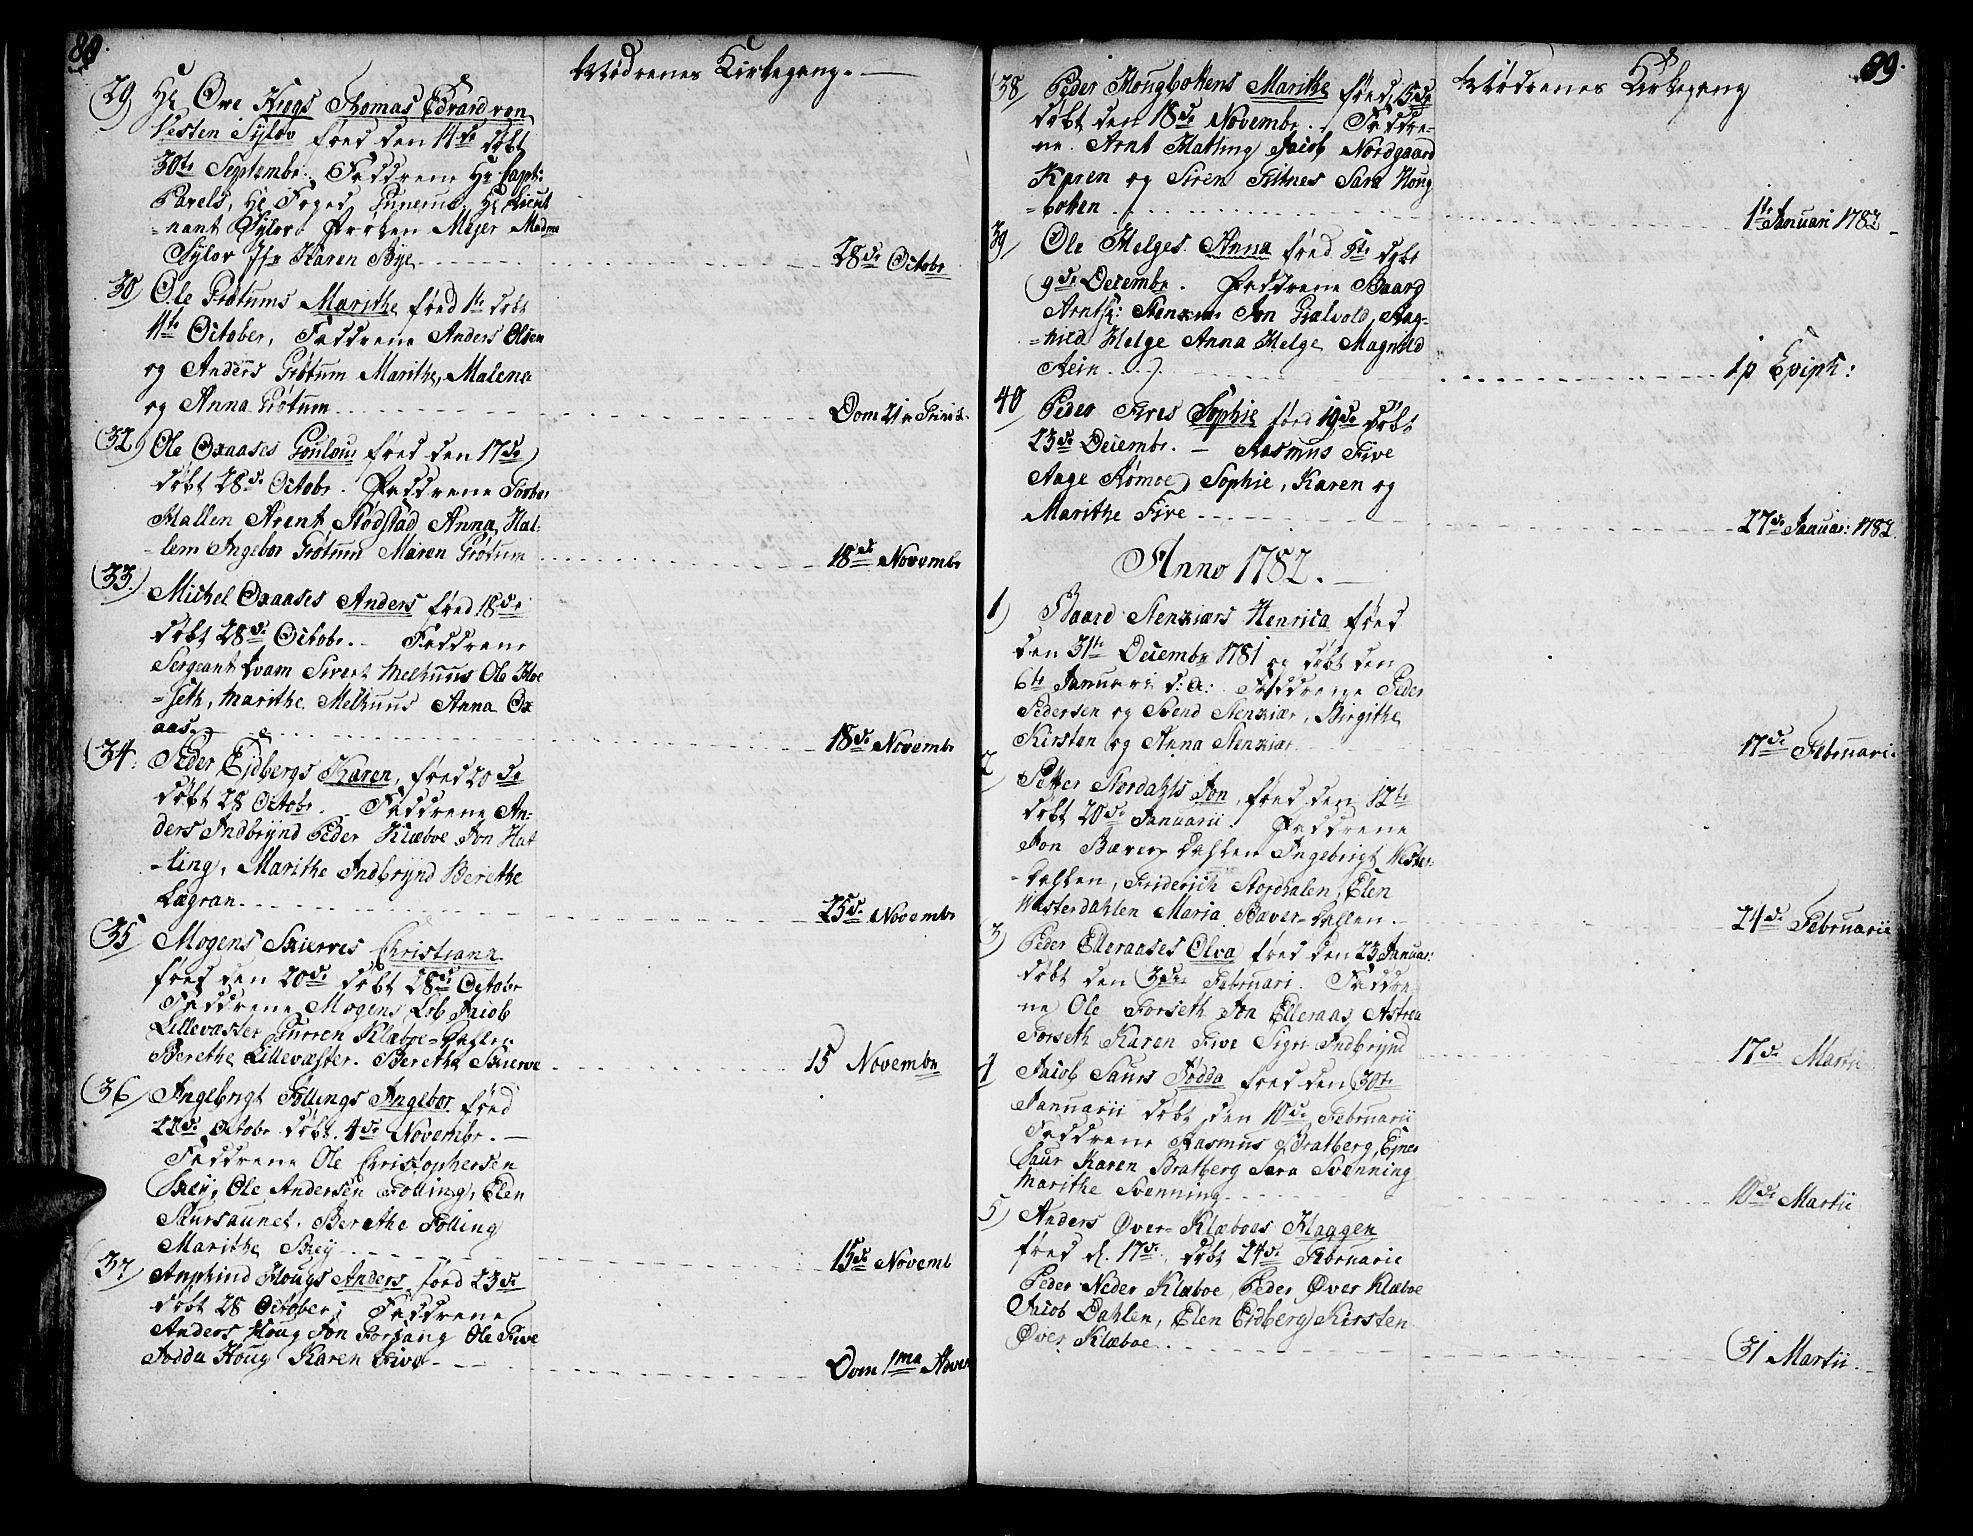 SAT, Ministerialprotokoller, klokkerbøker og fødselsregistre - Nord-Trøndelag, 746/L0440: Ministerialbok nr. 746A02, 1760-1815, s. 88-89